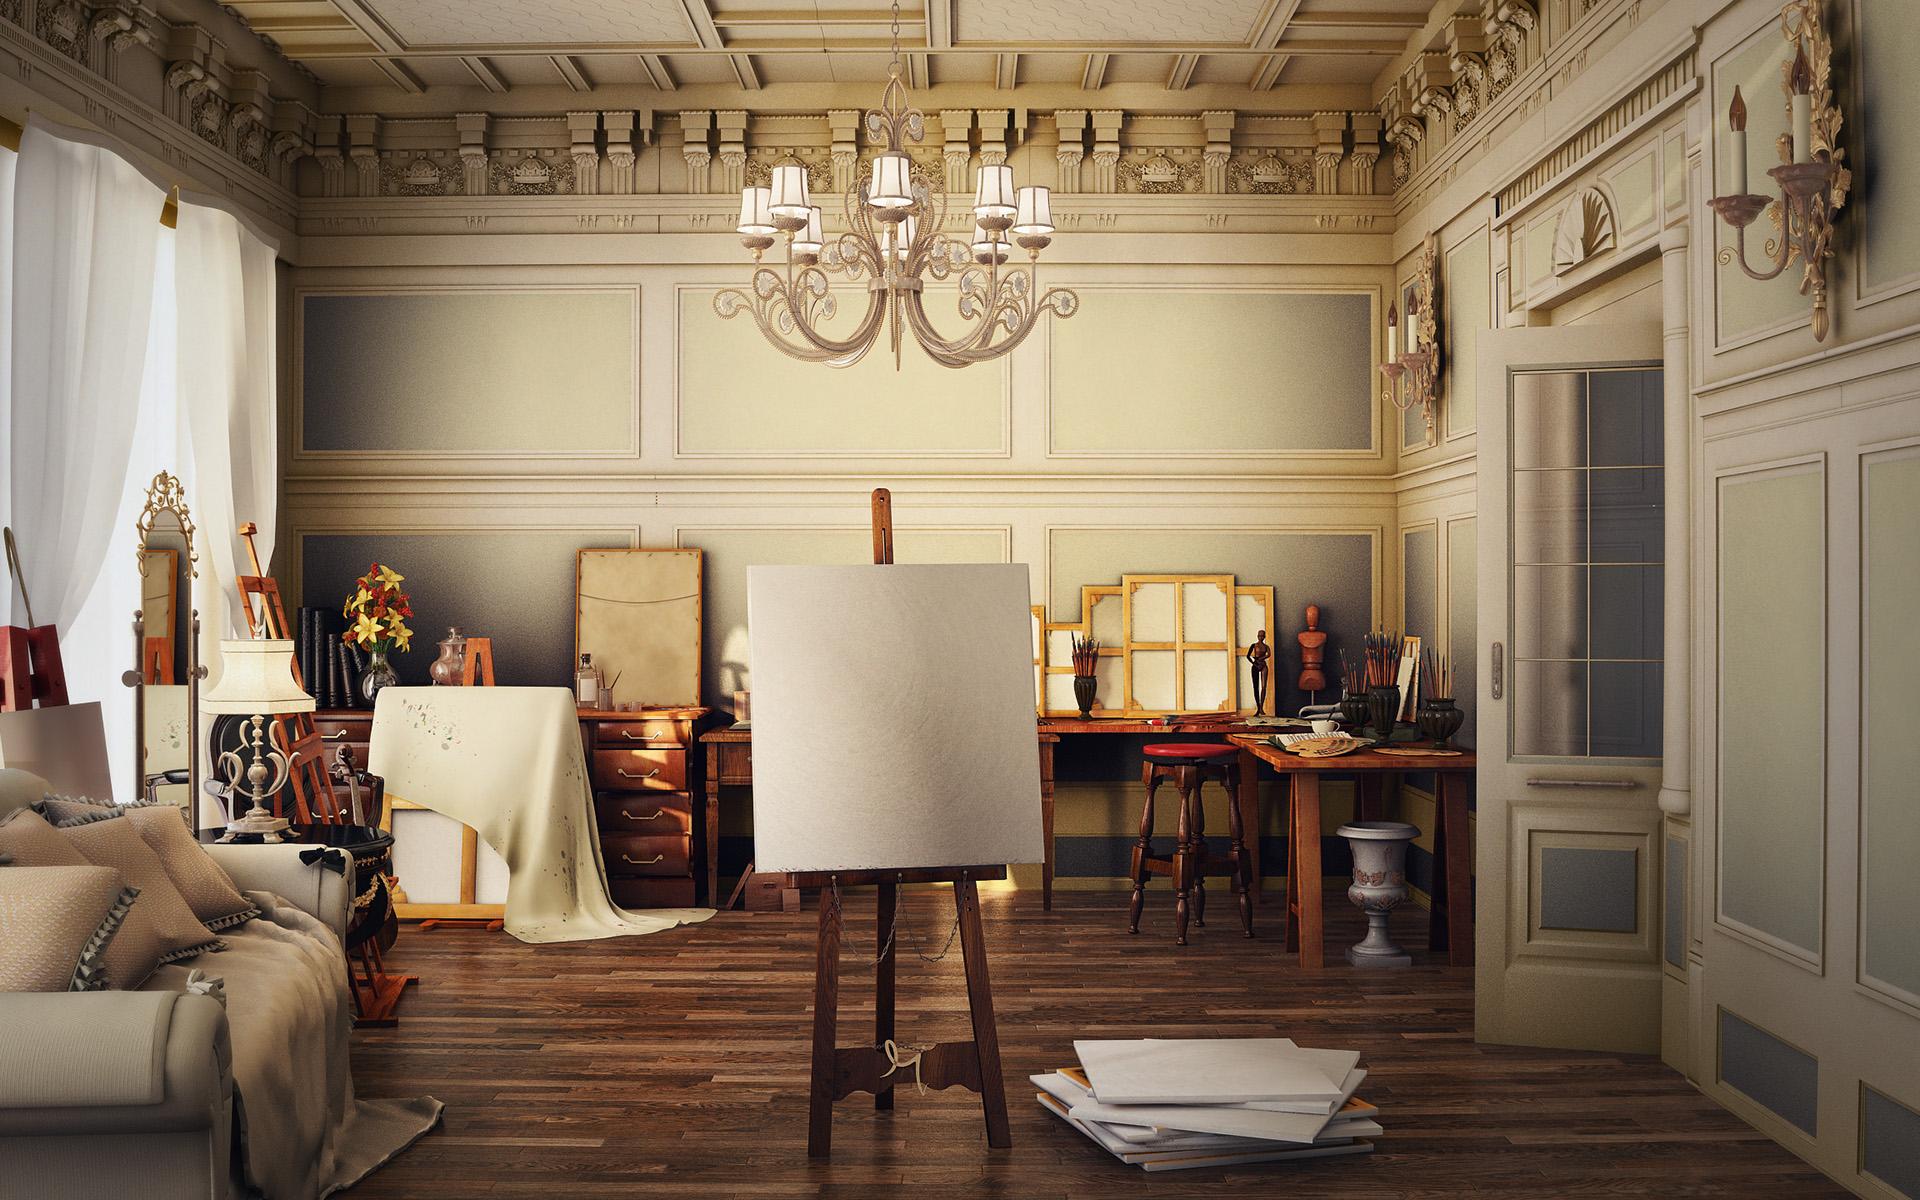 Art Studio Viewing Gallery